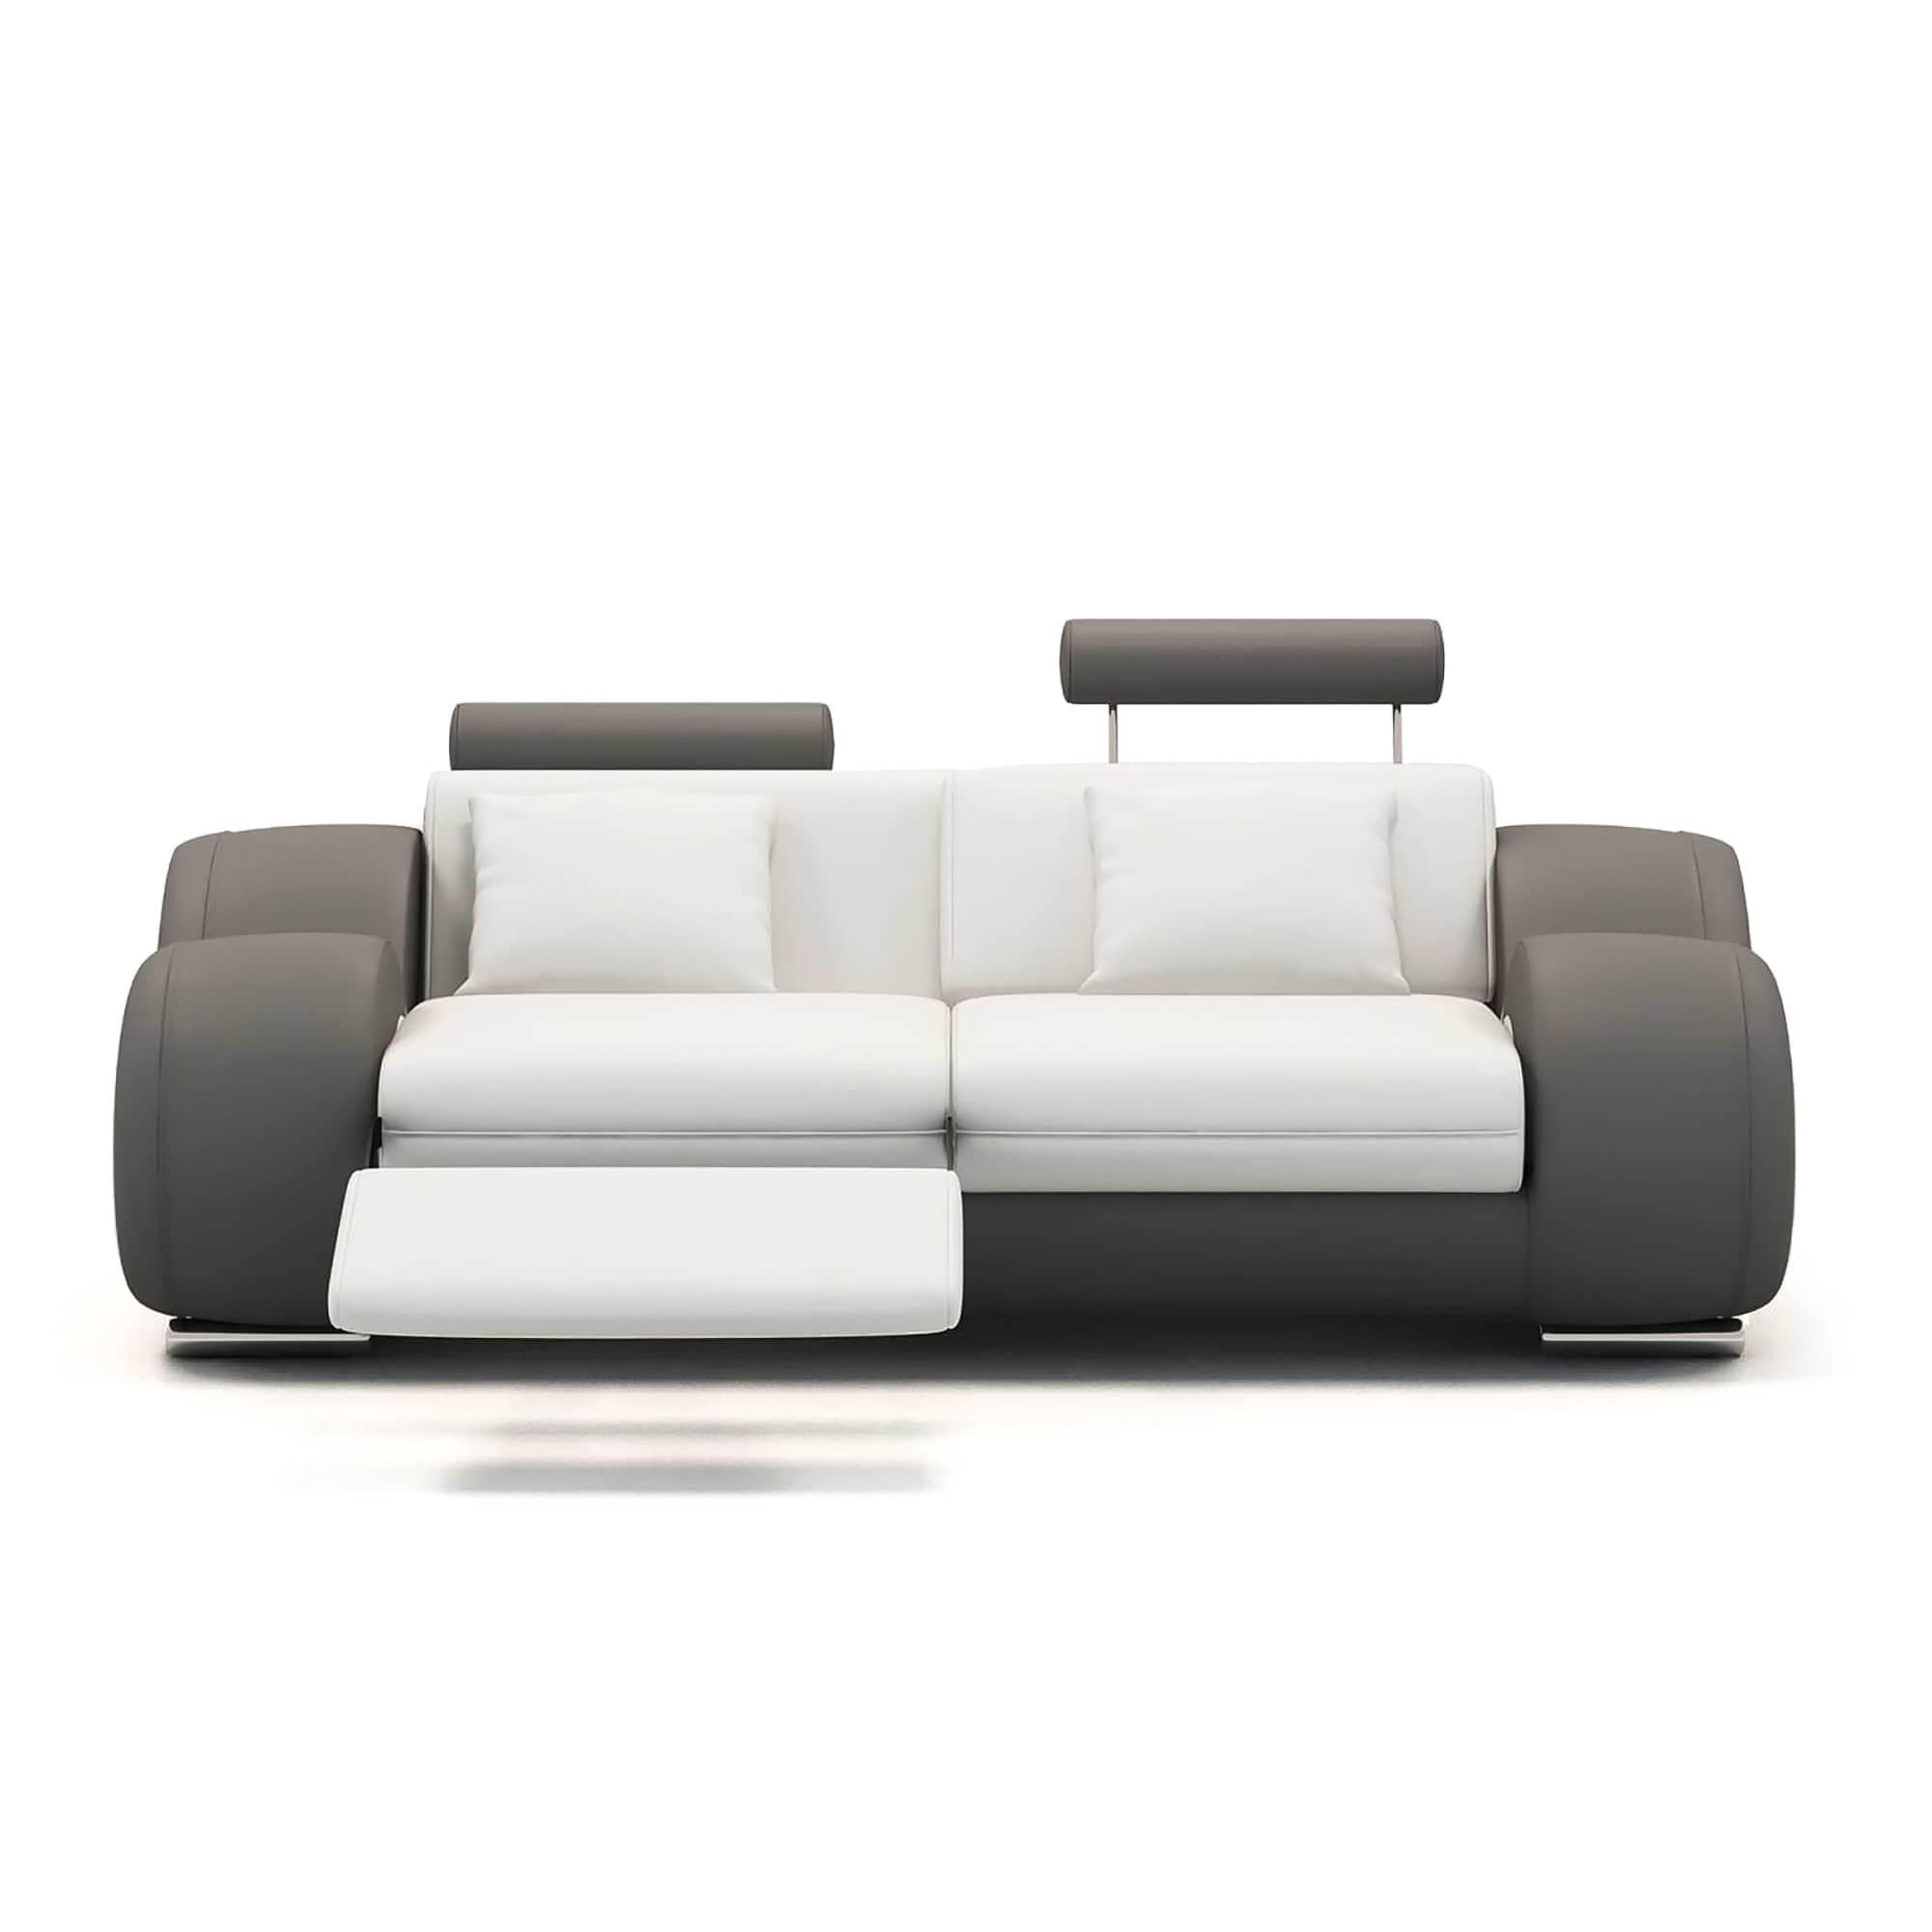 canape 2 places design relax oslo en cuir blanc et gris